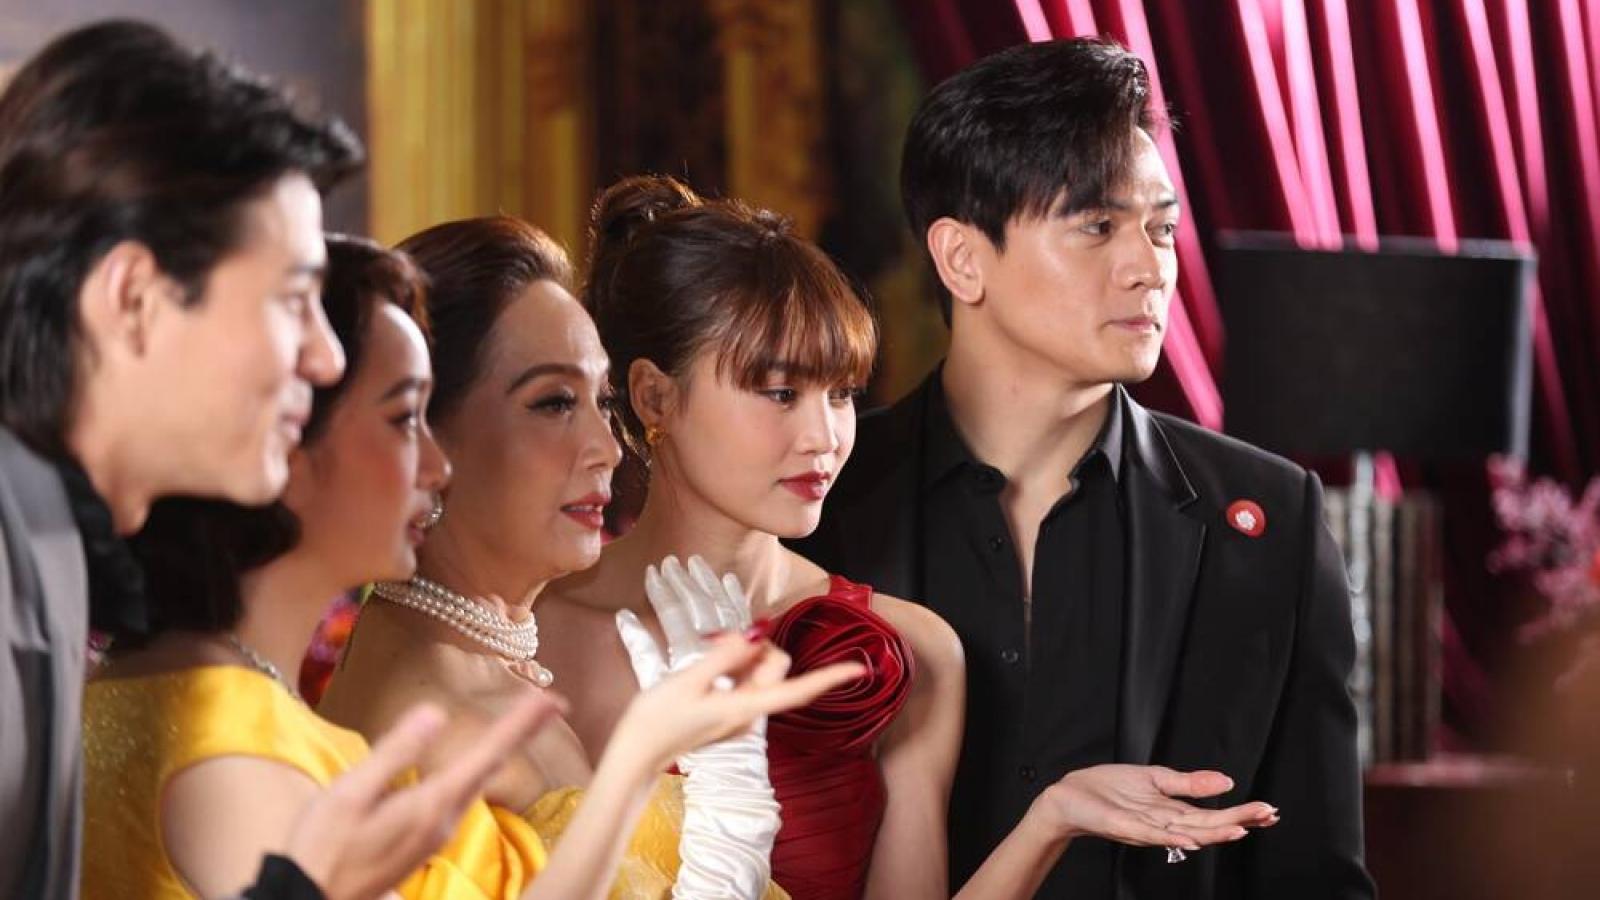 Chuyện showbiz: Ninh Dương Lan Ngọc đeo nhẫn kim cương ở ngón áp út, nghi vấn được cầu hôn